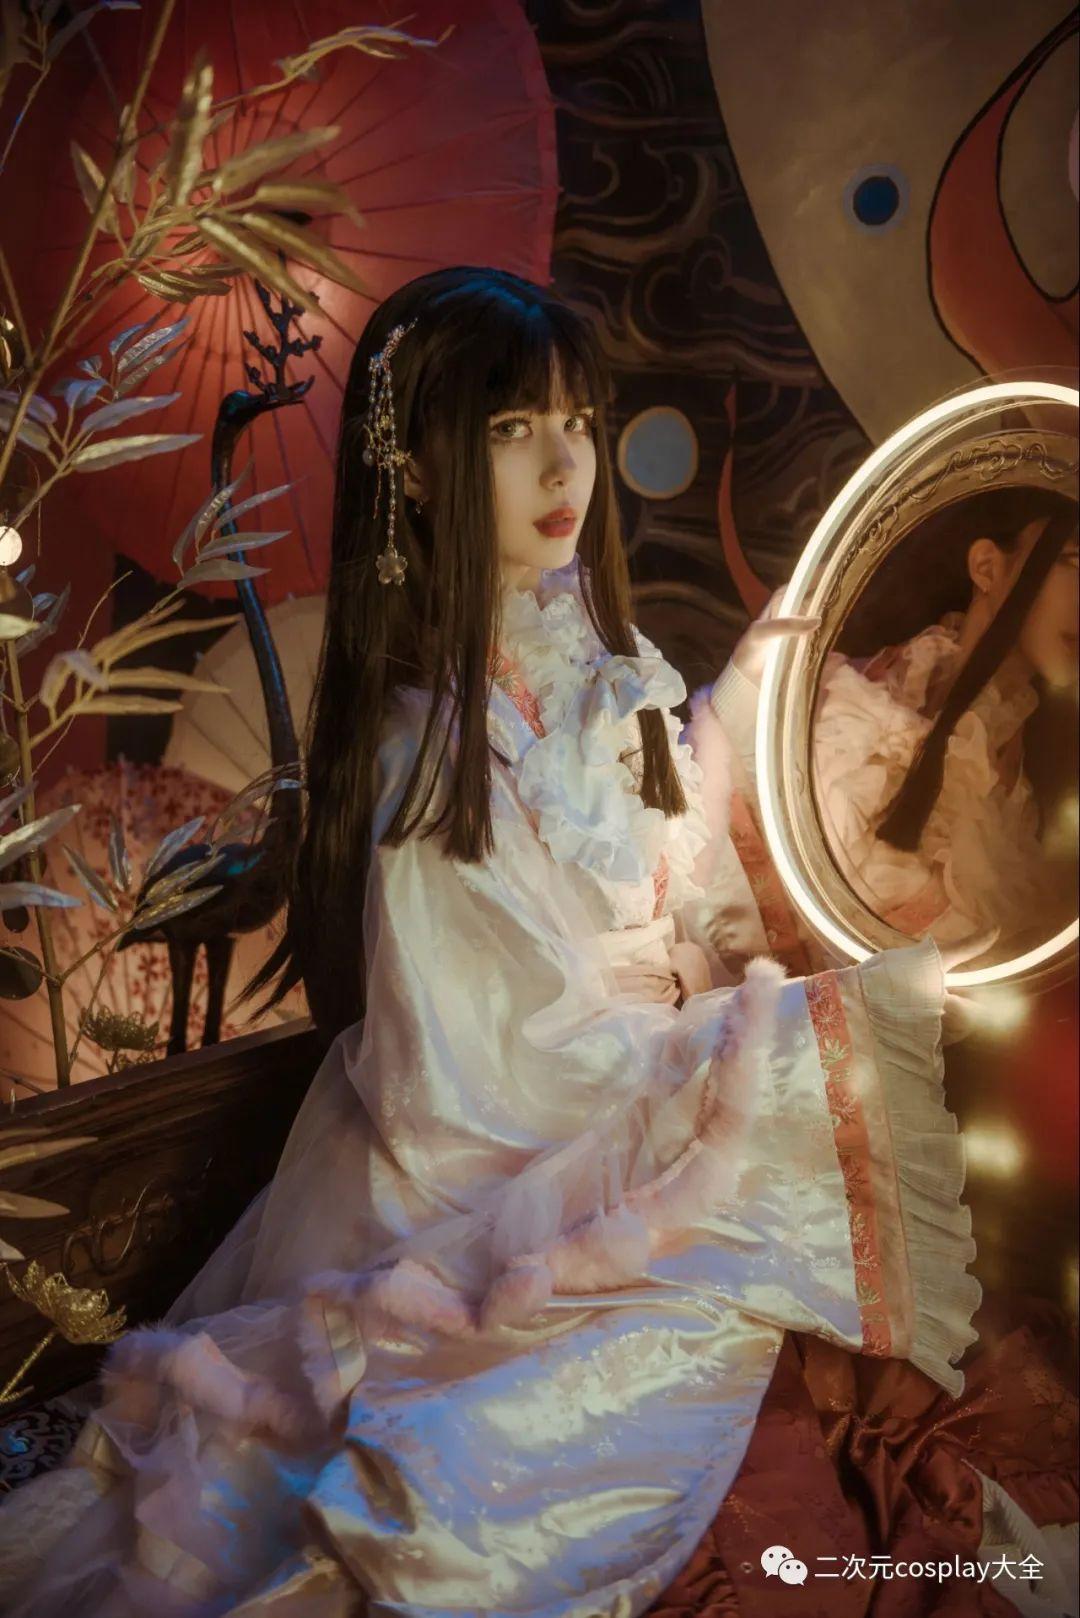 妹子因为喜欢东方project开始了cos,还担任了东方同人展的日语翻译 - [leimu486.com] No.7